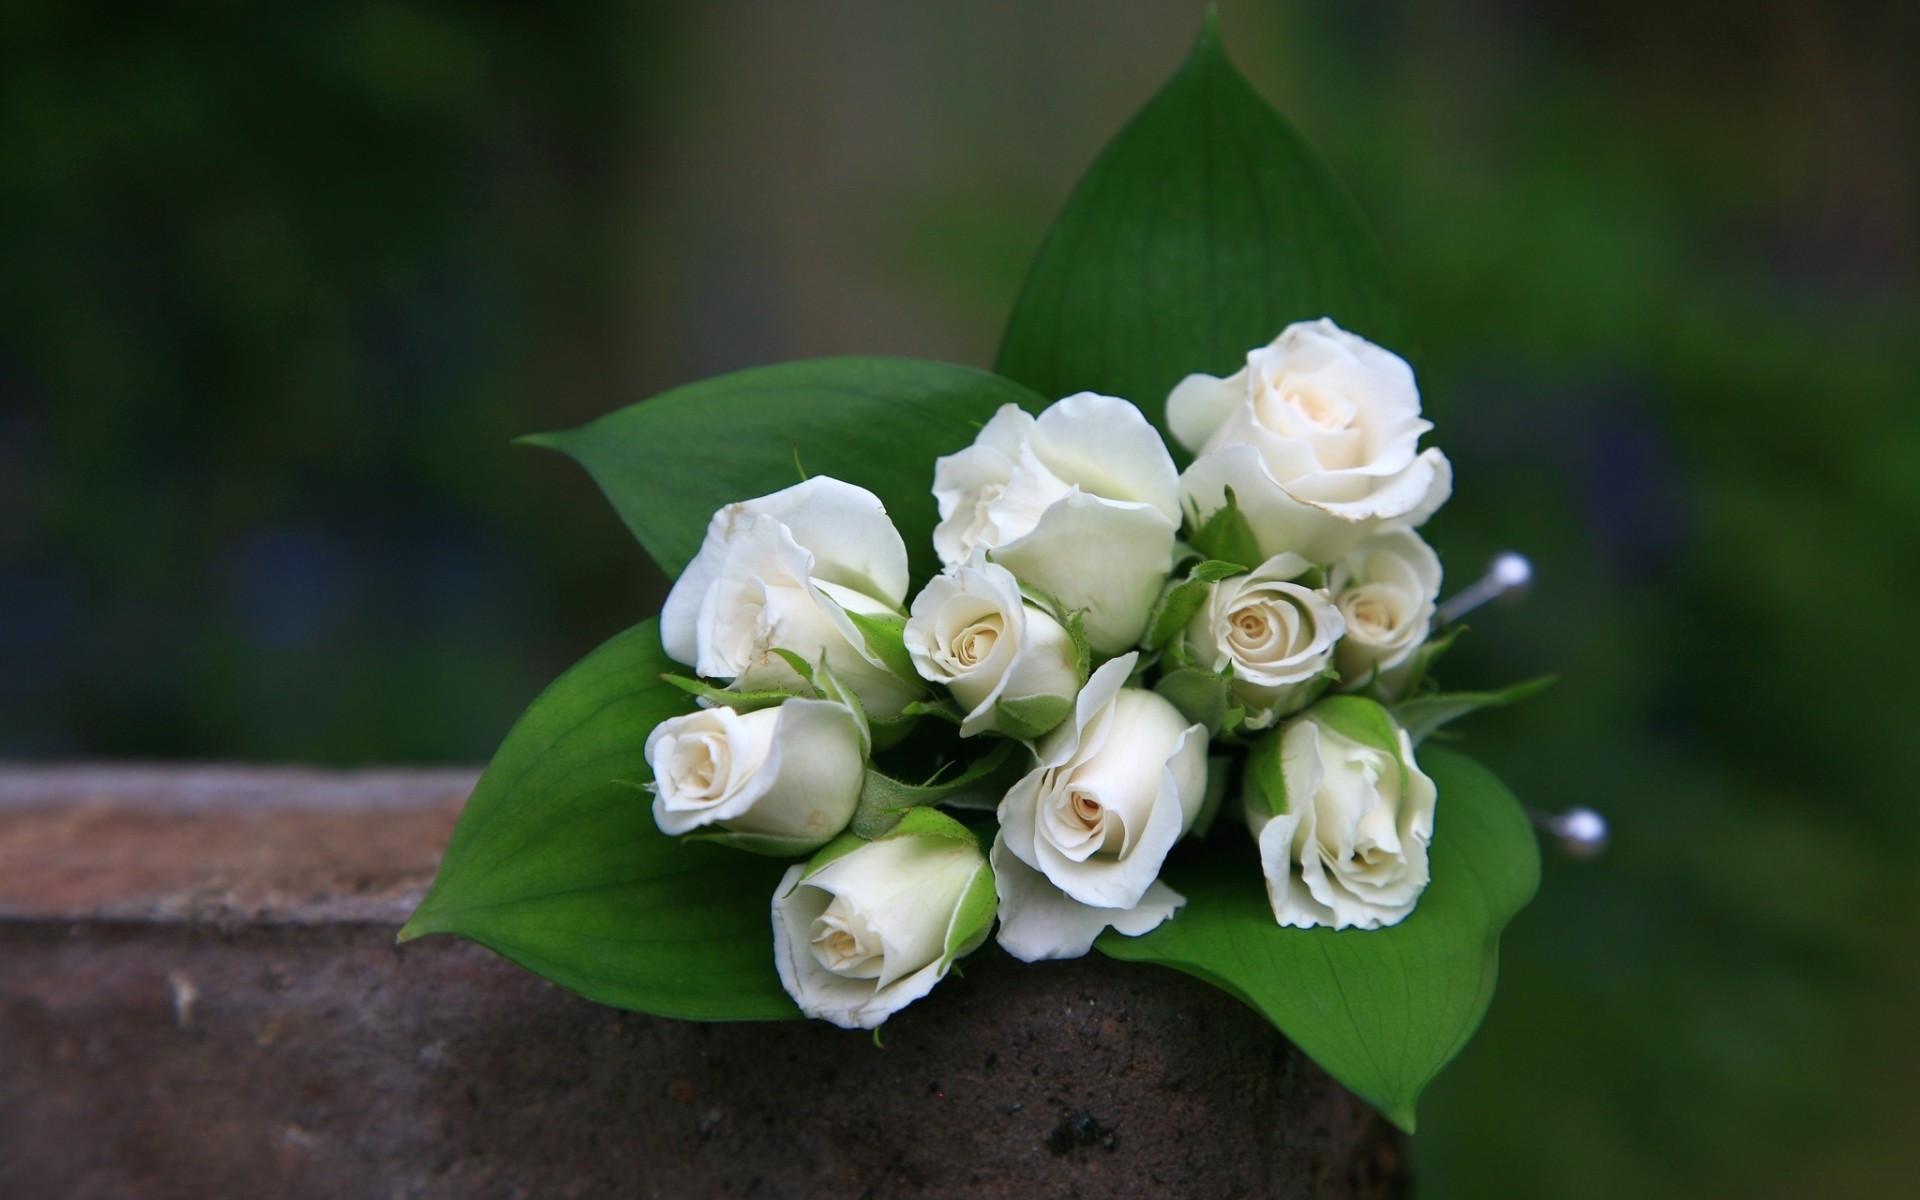 白玫瑰的花语介绍